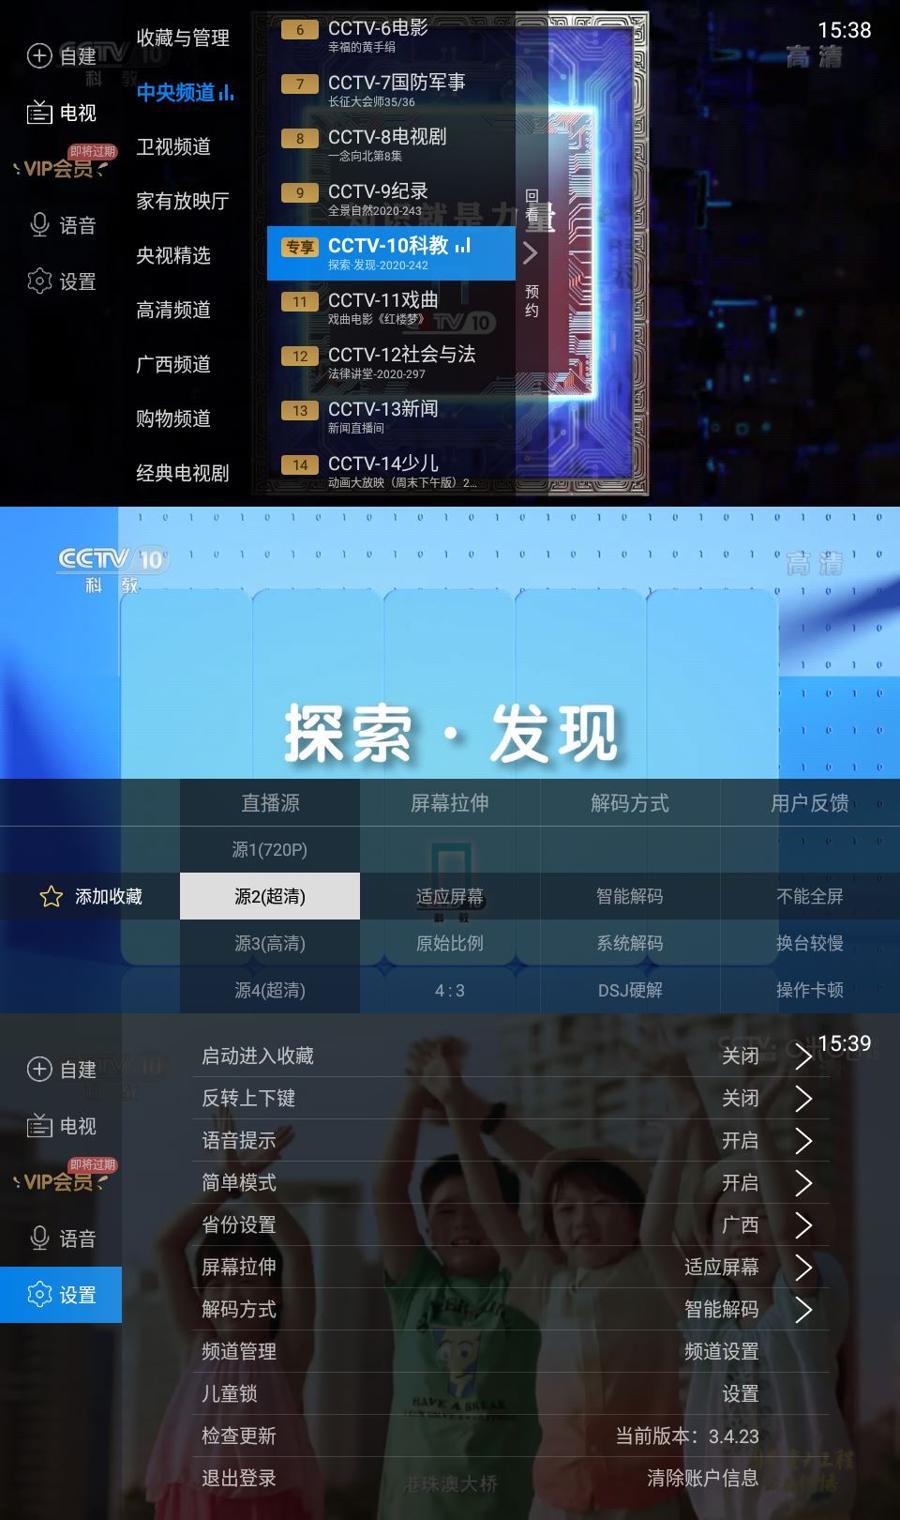 高清电视直播 电视家v3.4.23-树荣社区